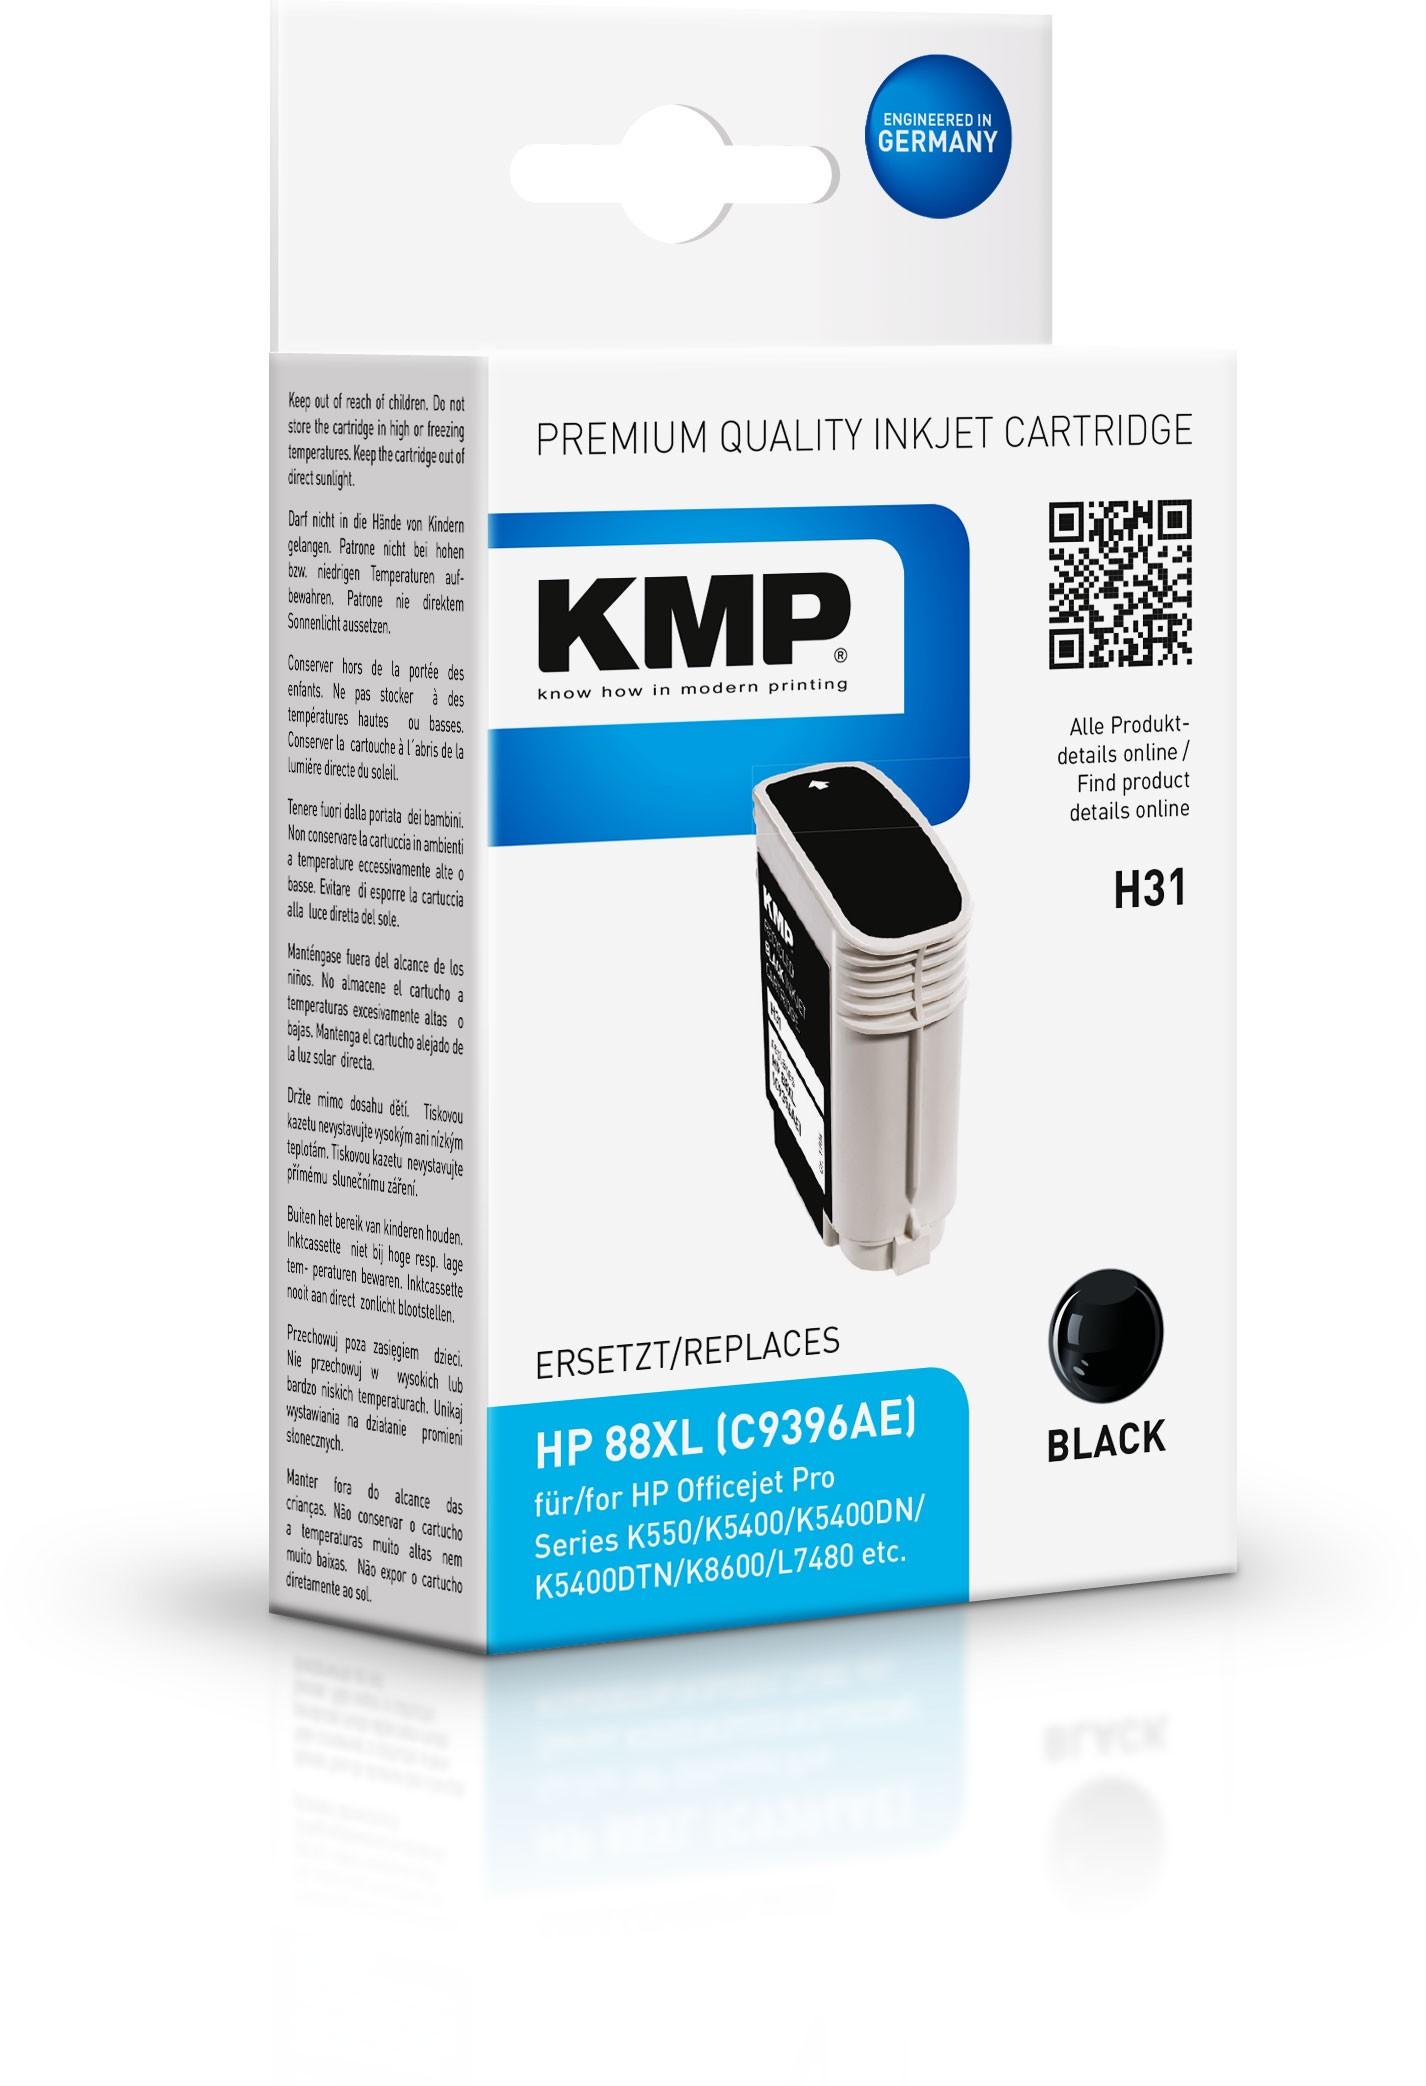 Vorschau: KMP Patrone H31 komp. C9396AE HP 88XL für HP Officejet Pro K550